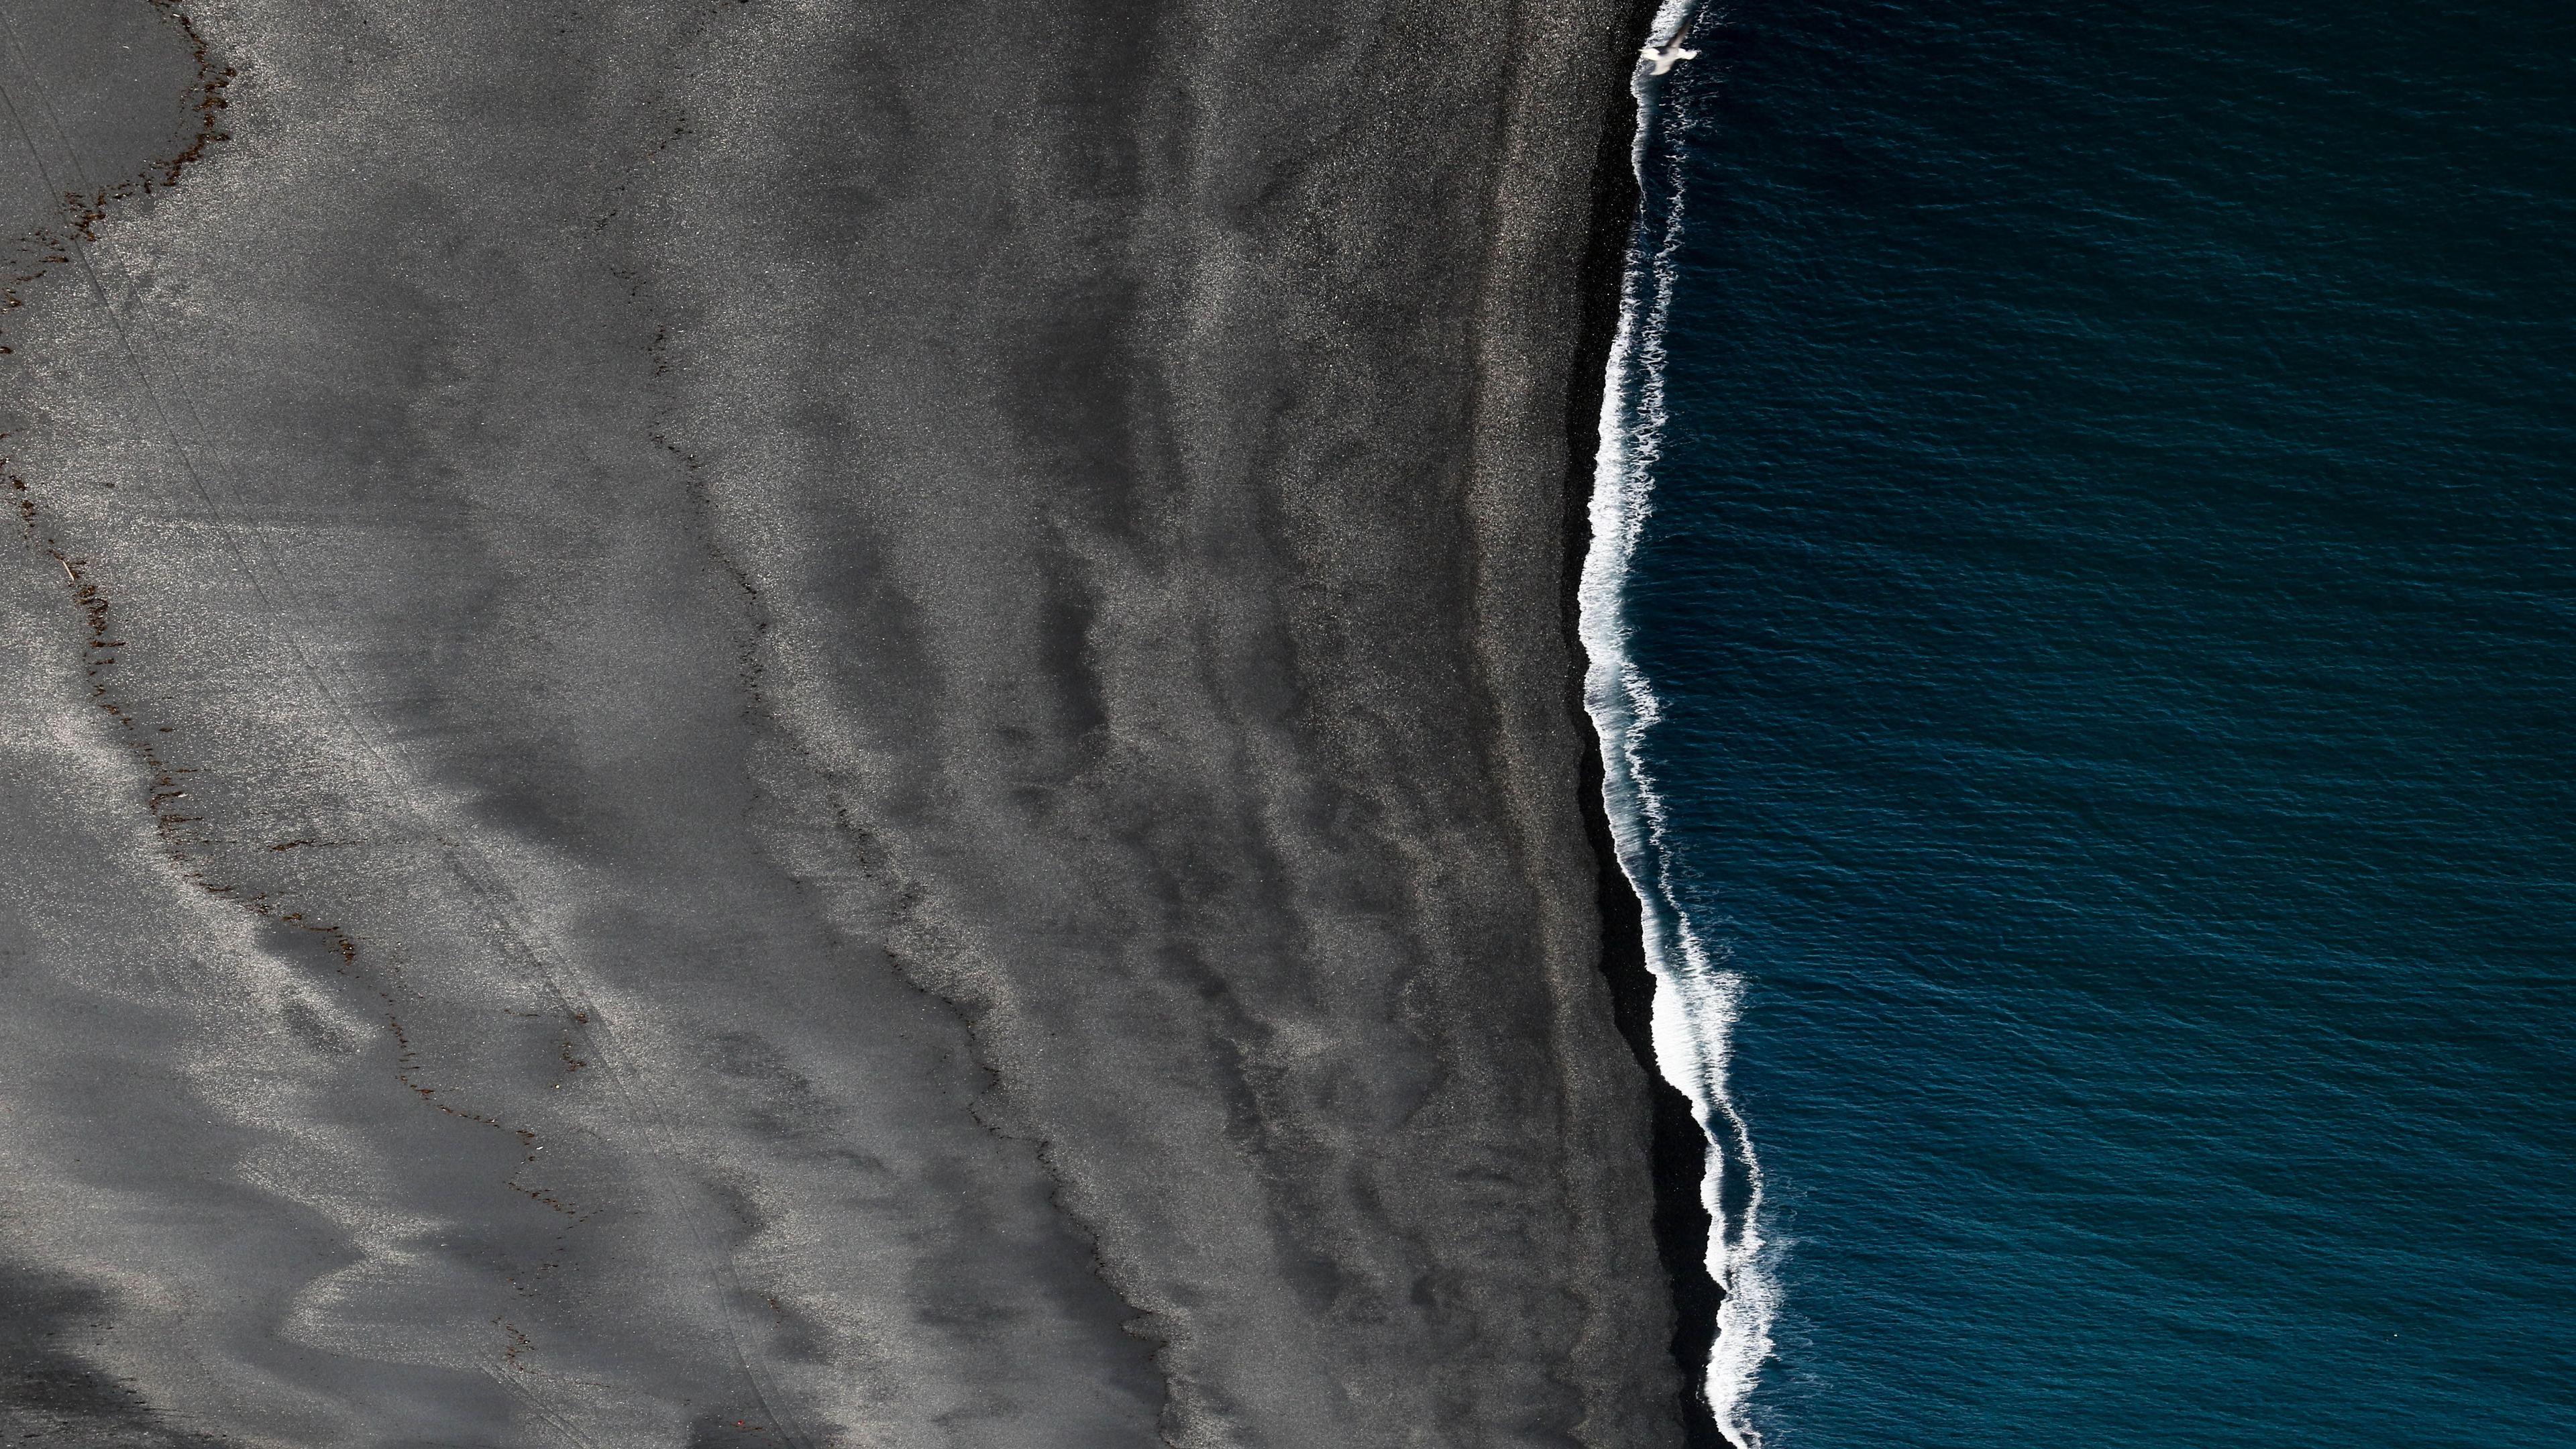 black sand iceland landscape space vik 5k 1540136947 - Black Sand Iceland Landscape Space Vik 5k - space wallpapers, sand wallpapers, nature wallpapers, landscape wallpapers, hd-wallpapers, digital universe wallpapers, 5k wallpapers, 4k-wallpapers